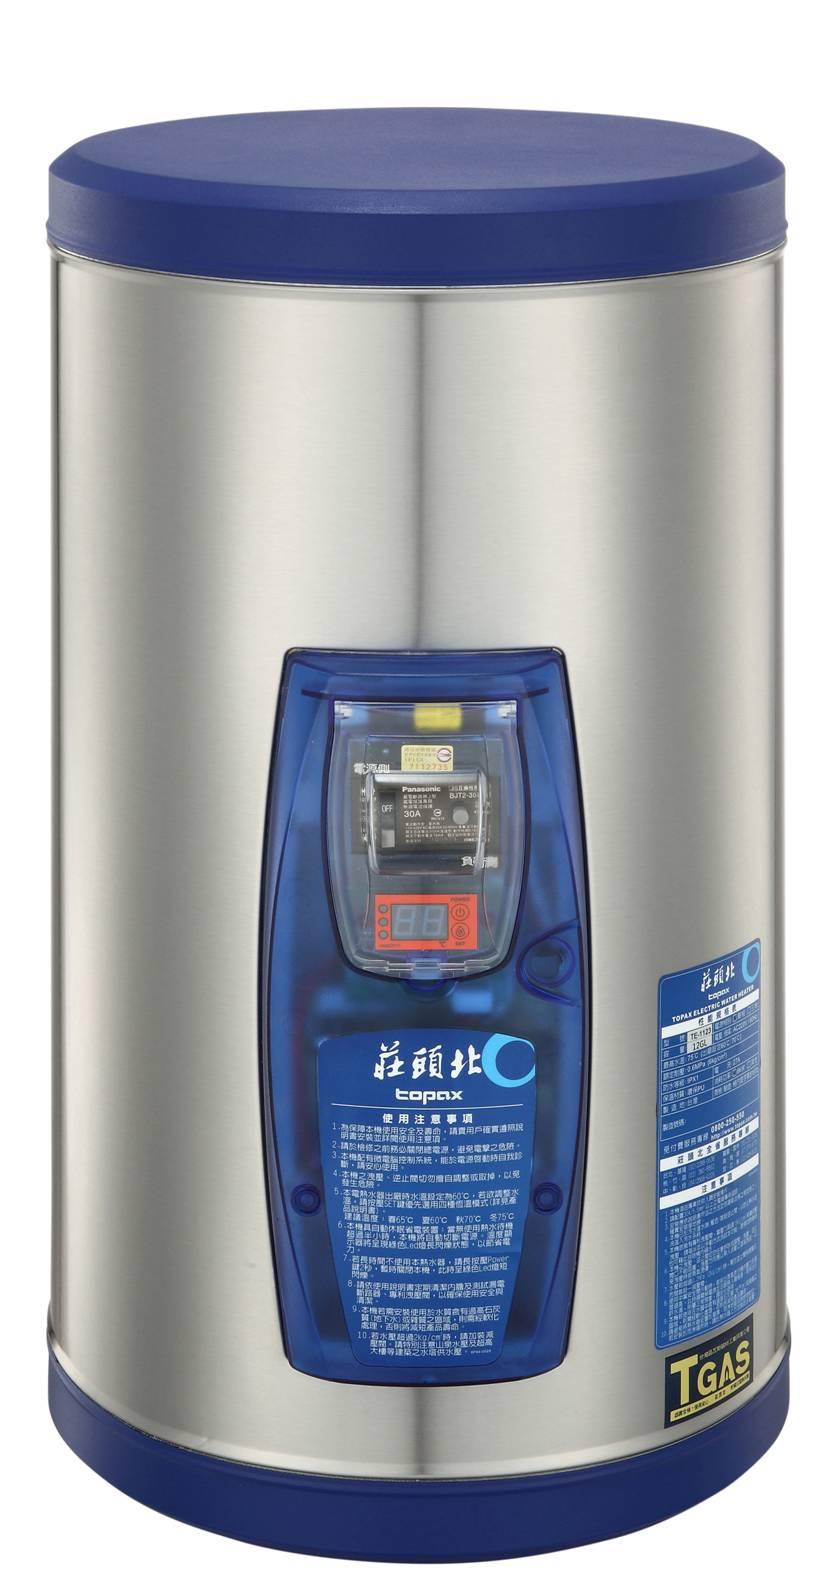 儲熱式12G  莊頭北電熱水器